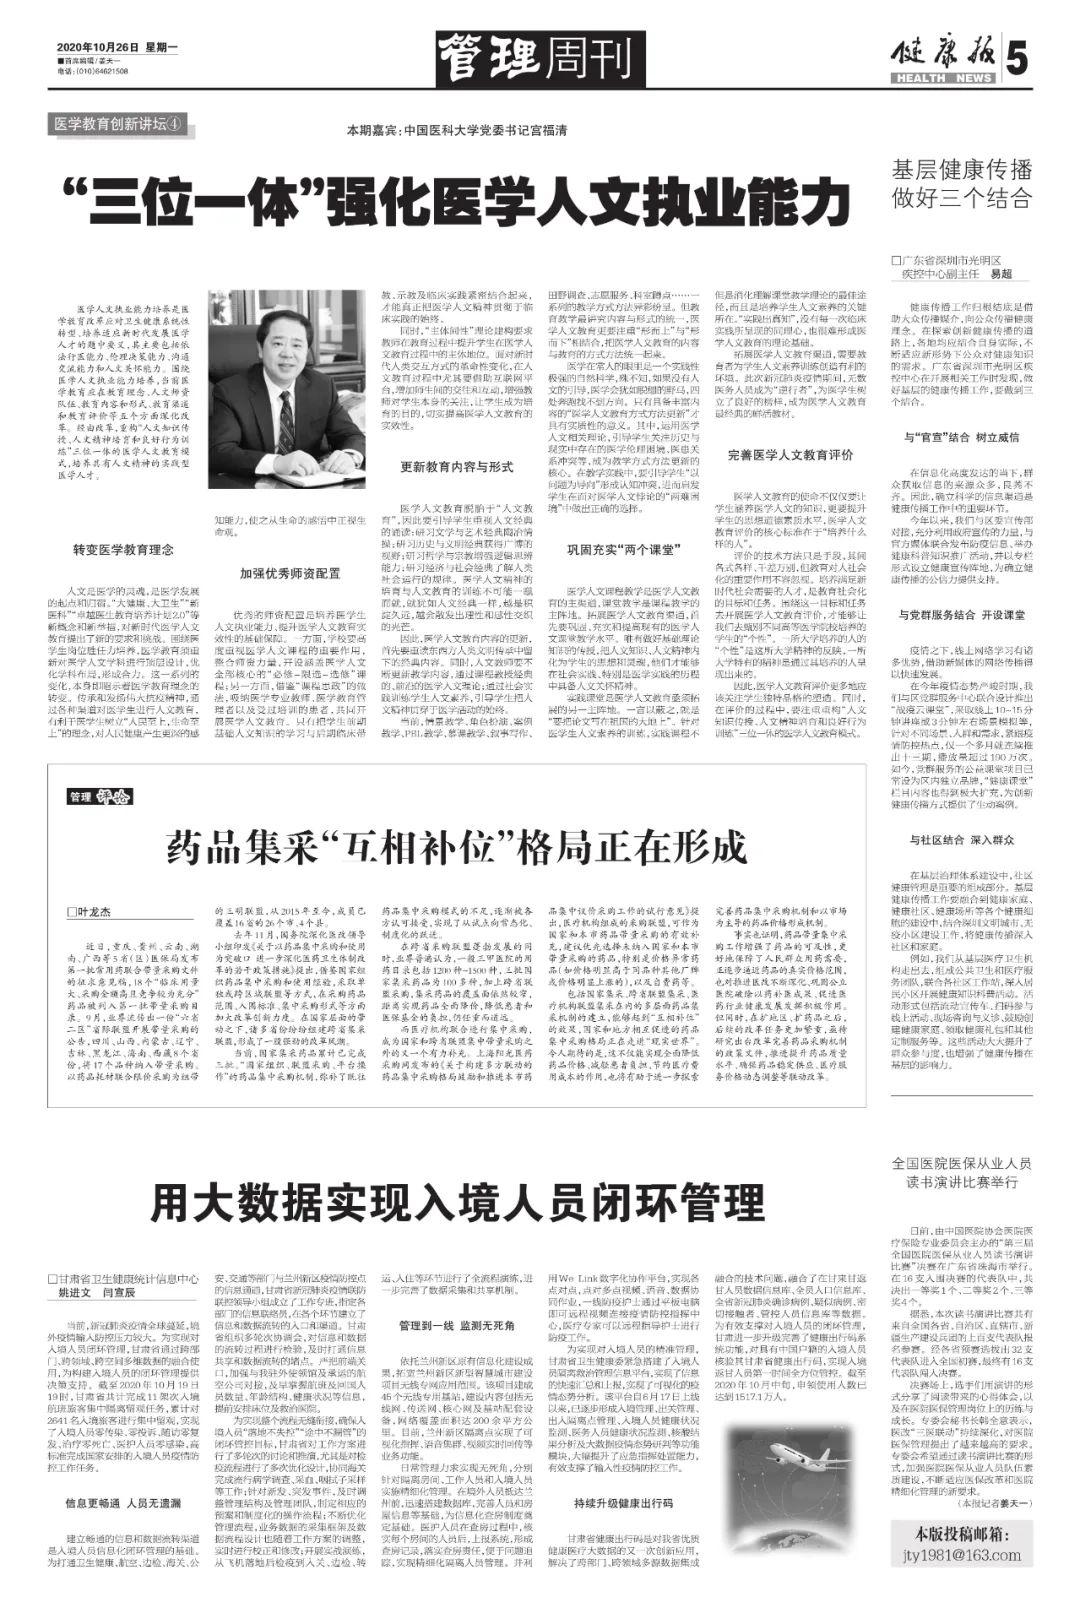 党委书记宫福清在《健康报》上发表署名文章图片